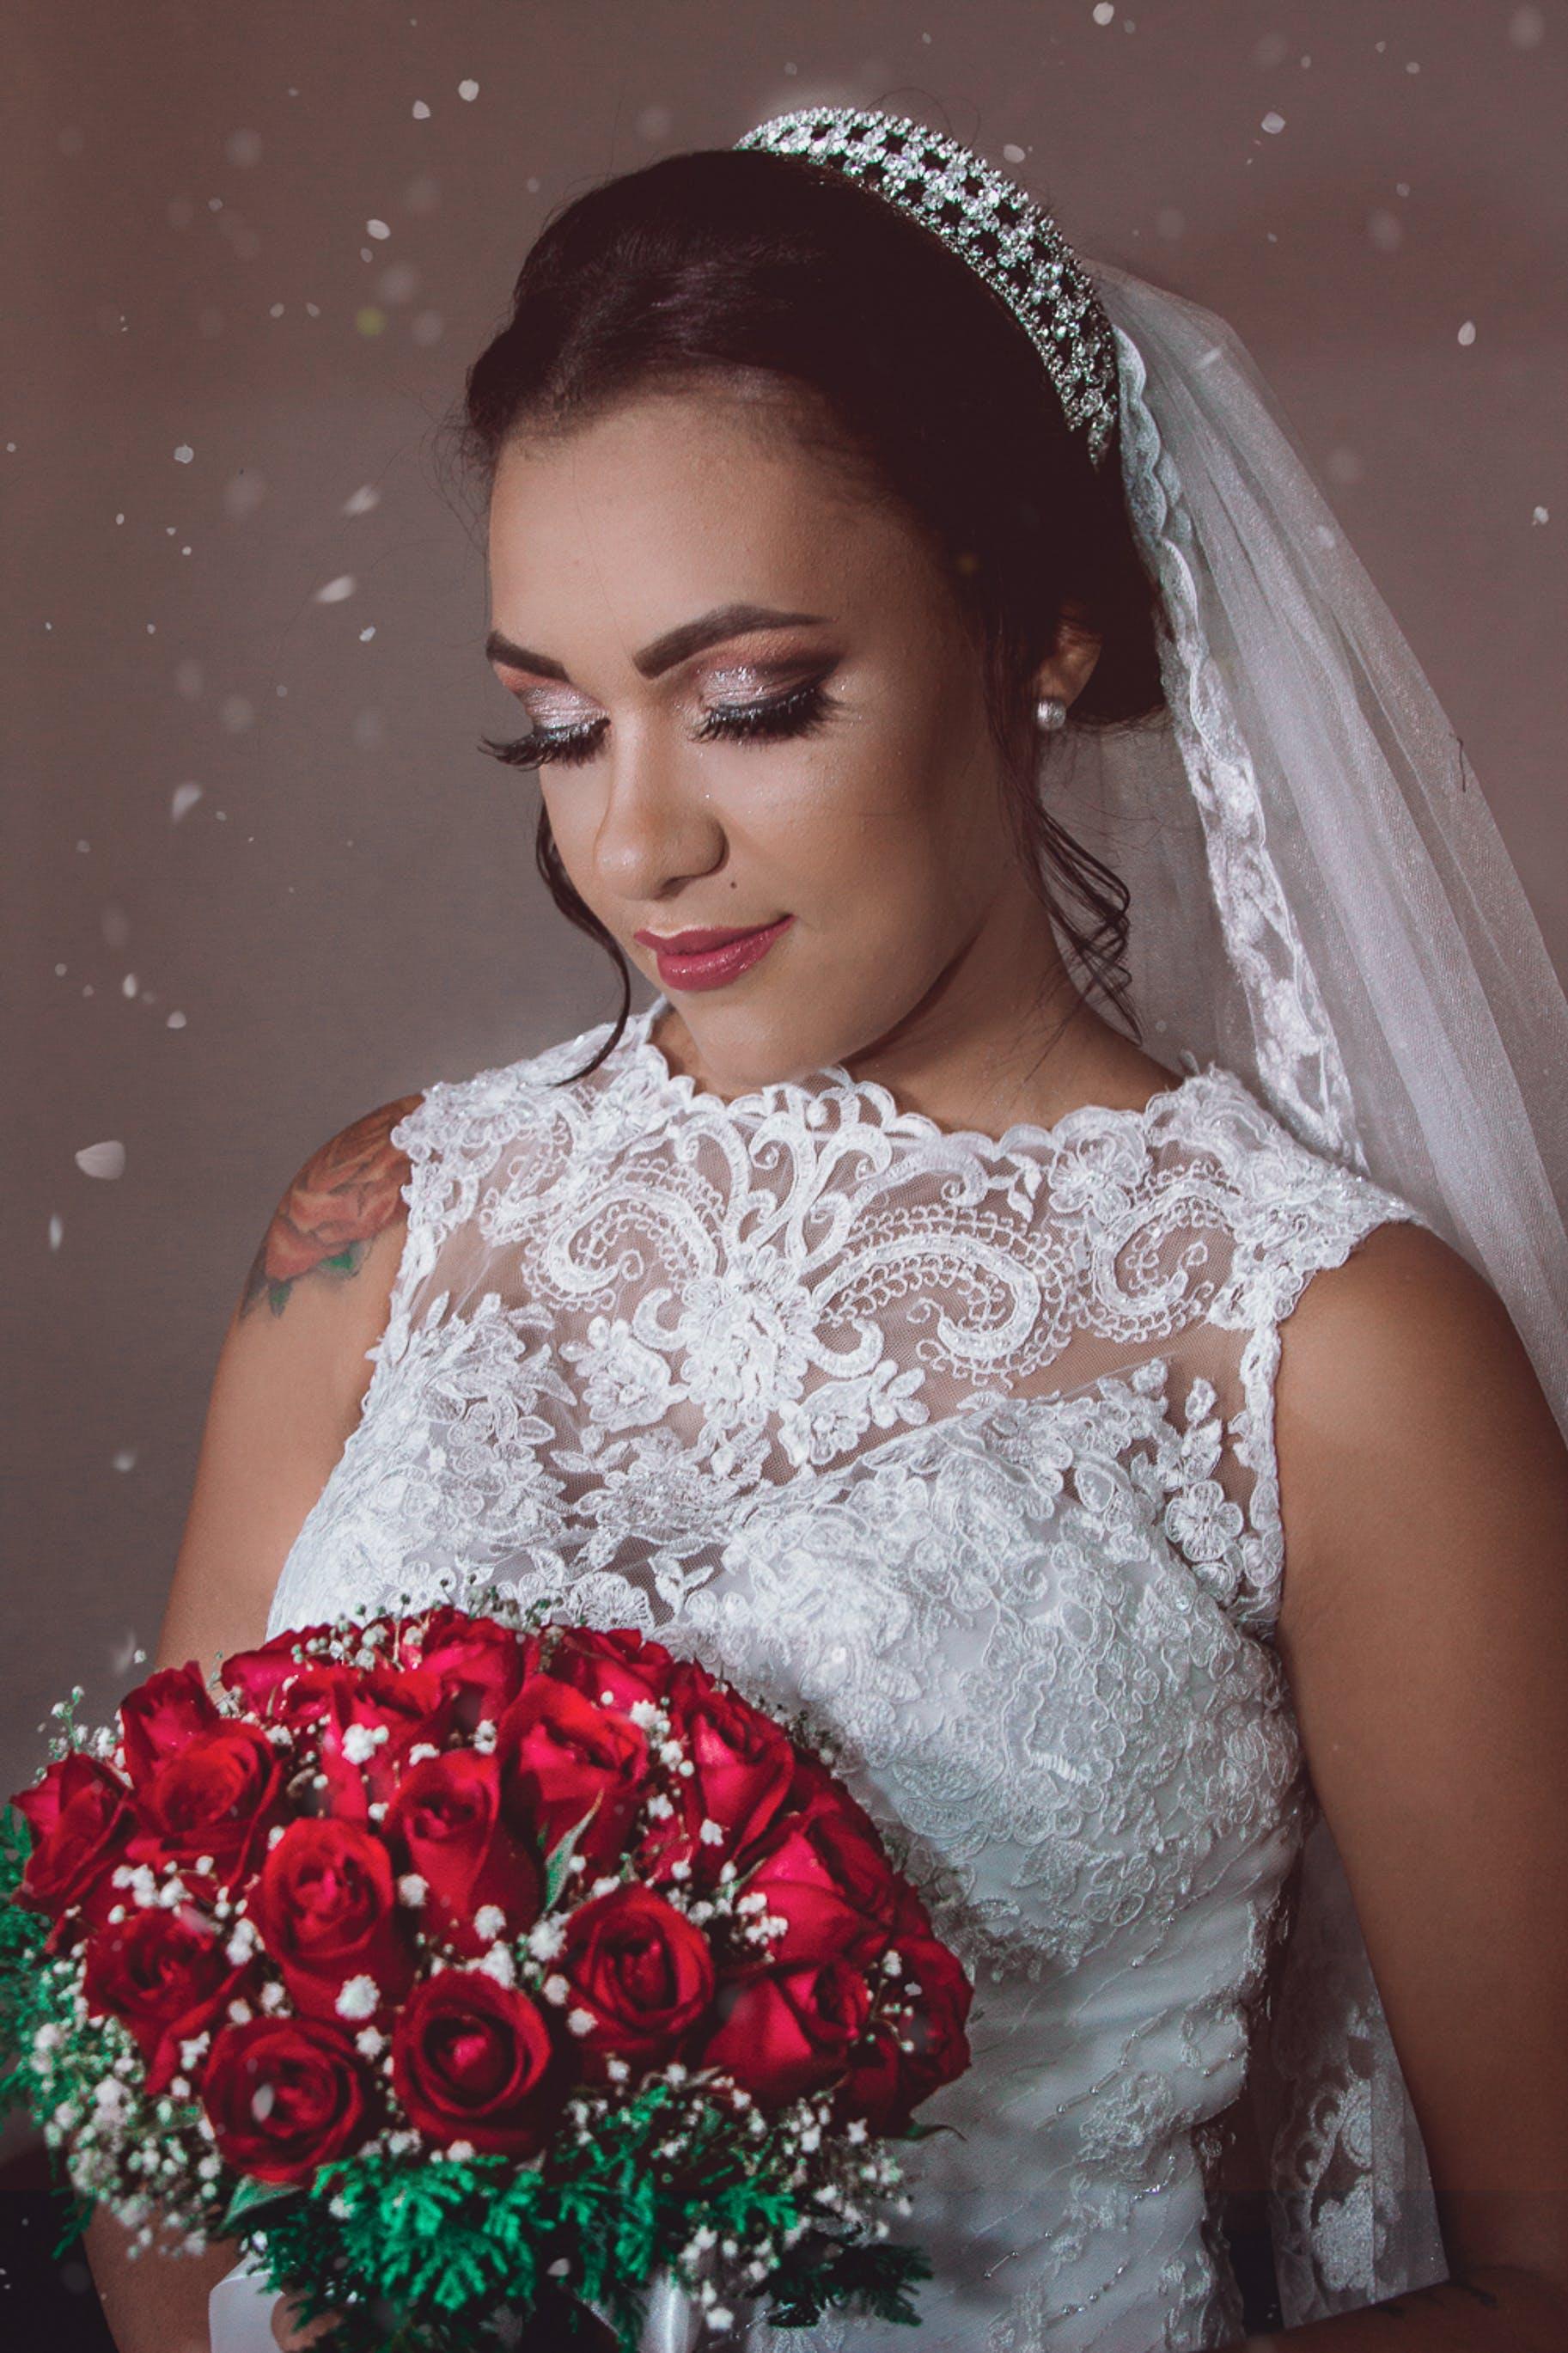 거리, 결혼, 결혼식 날, 공원의 무료 스톡 사진